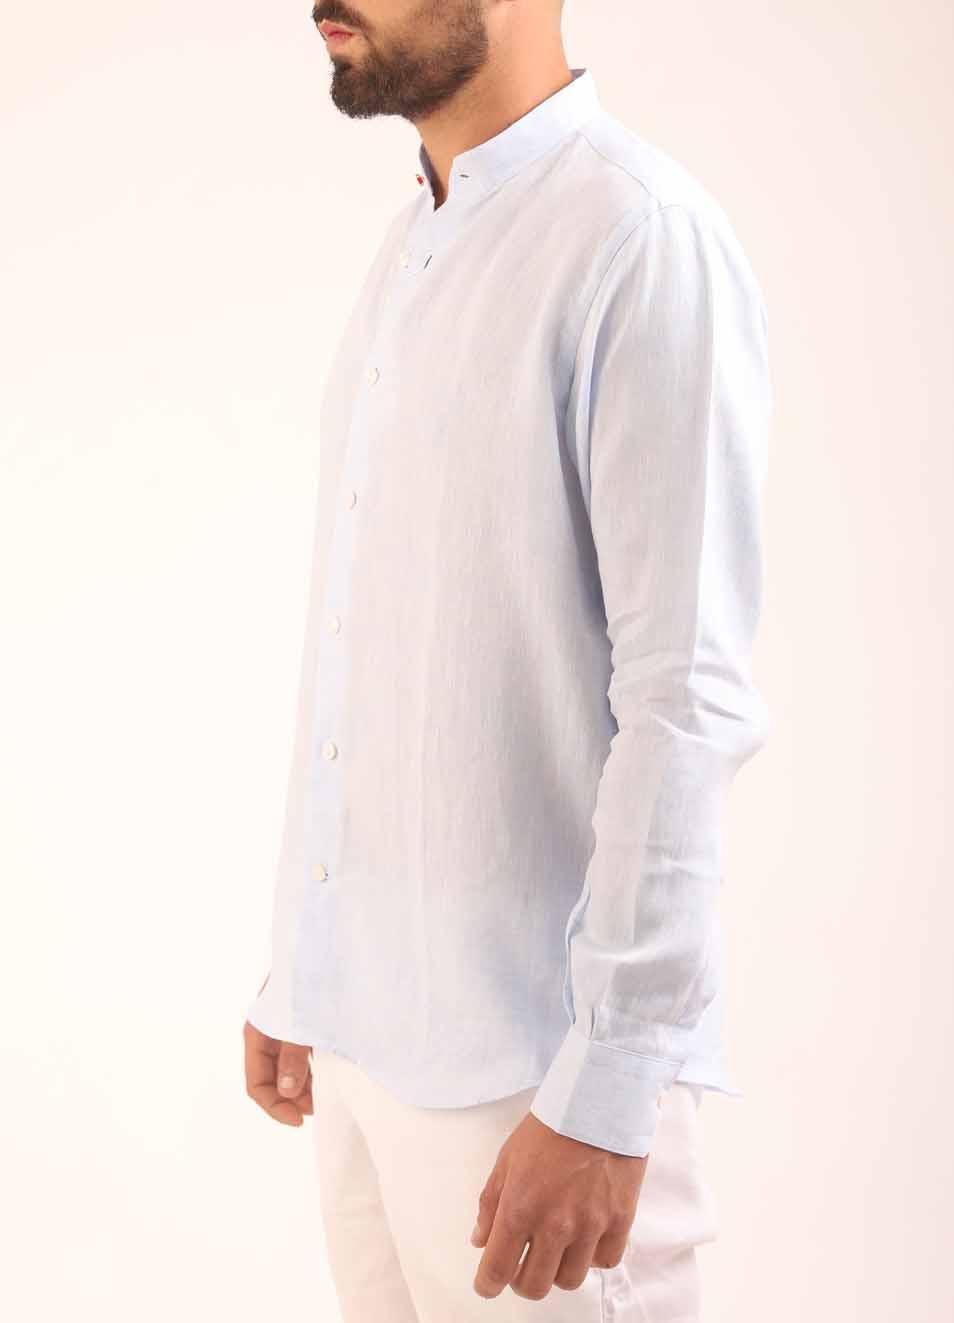 new style 81032 426e0 Camicia di lino uomo con collo alla coreana